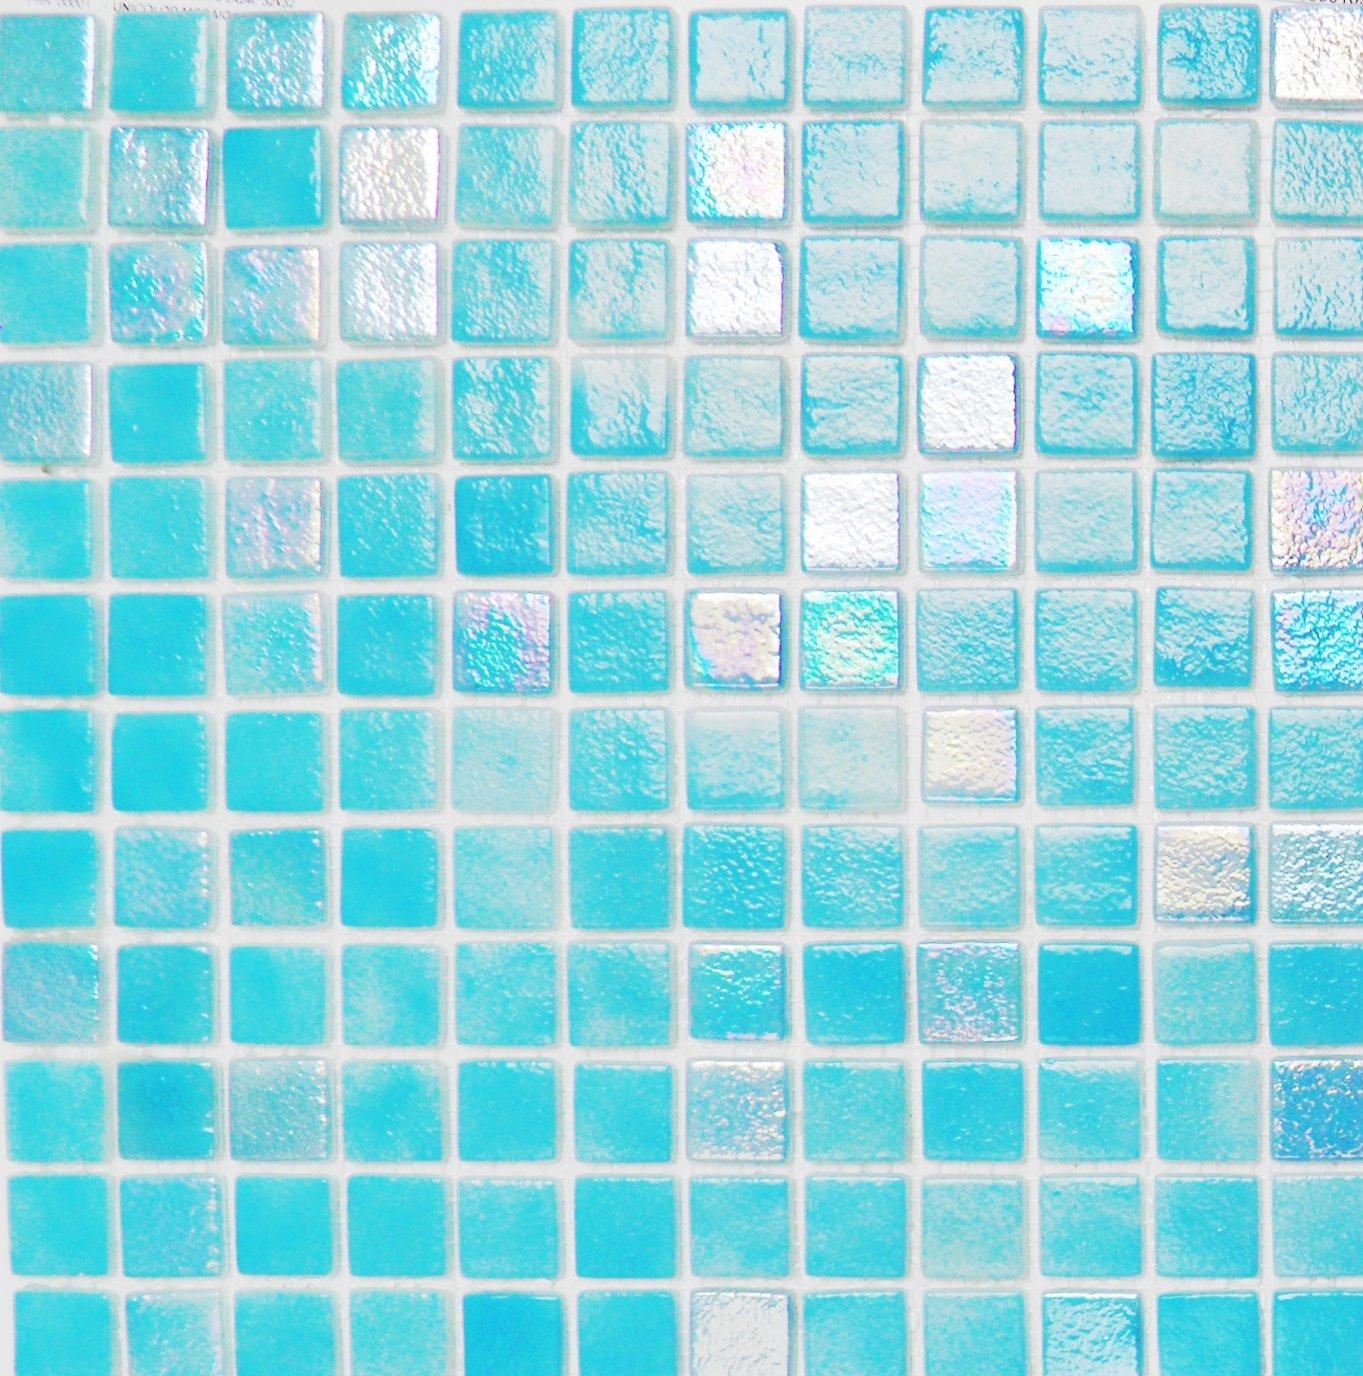 Vetro Mosaico N1205+IN1205 Mosaico de Vidrio, Mezcla Azul Claro y Nacarado